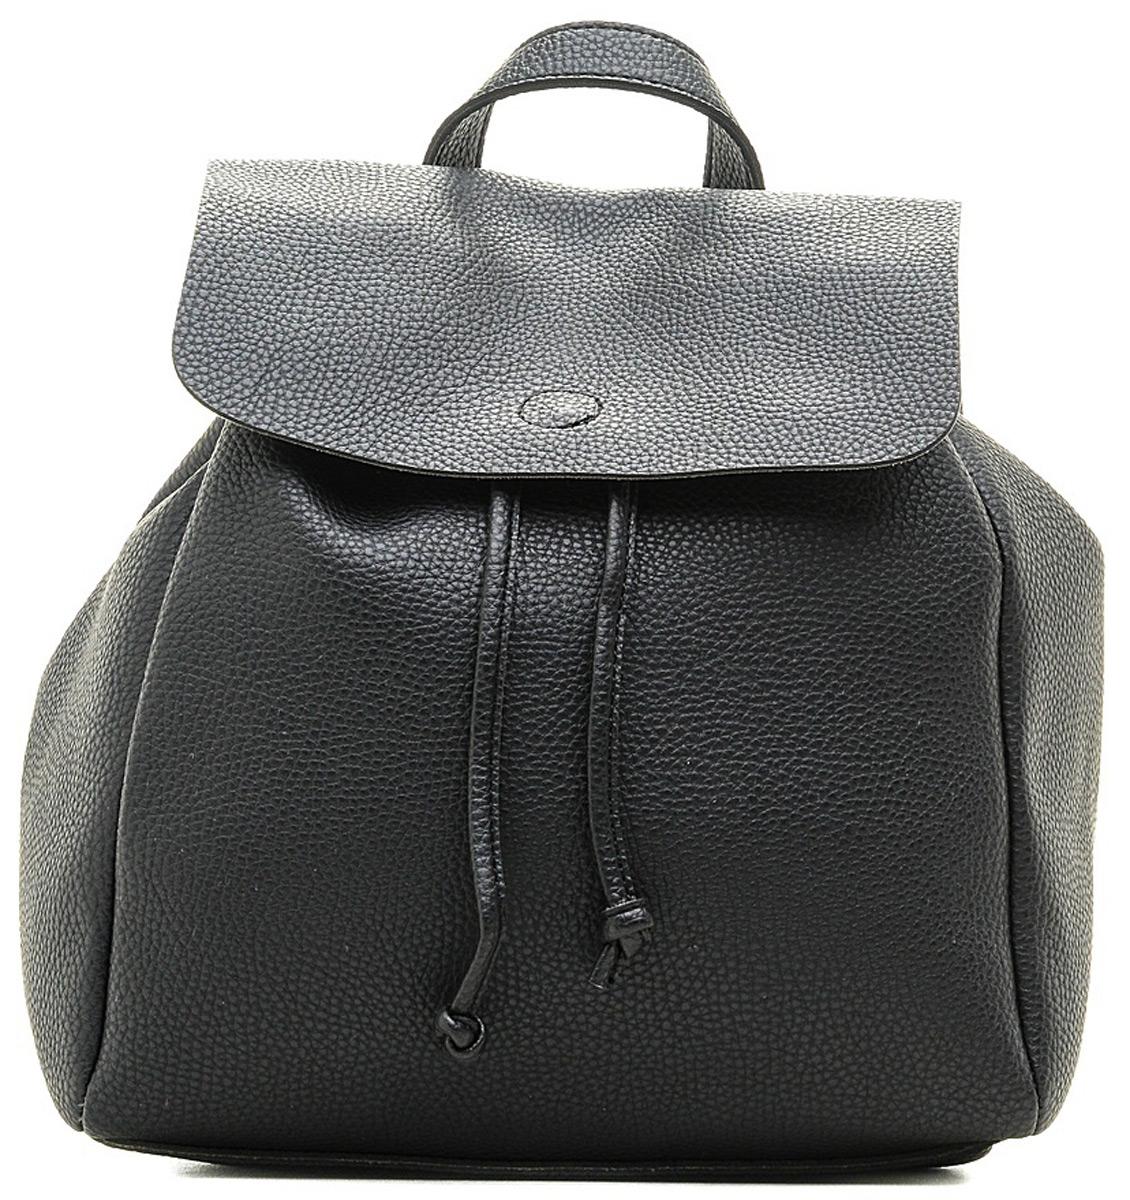 Рюкзак женский United Colors of Benetton, цвет: черный. 6HKVD139S_700 рюкзак женский adidas backpack xs цвет черный dv0212